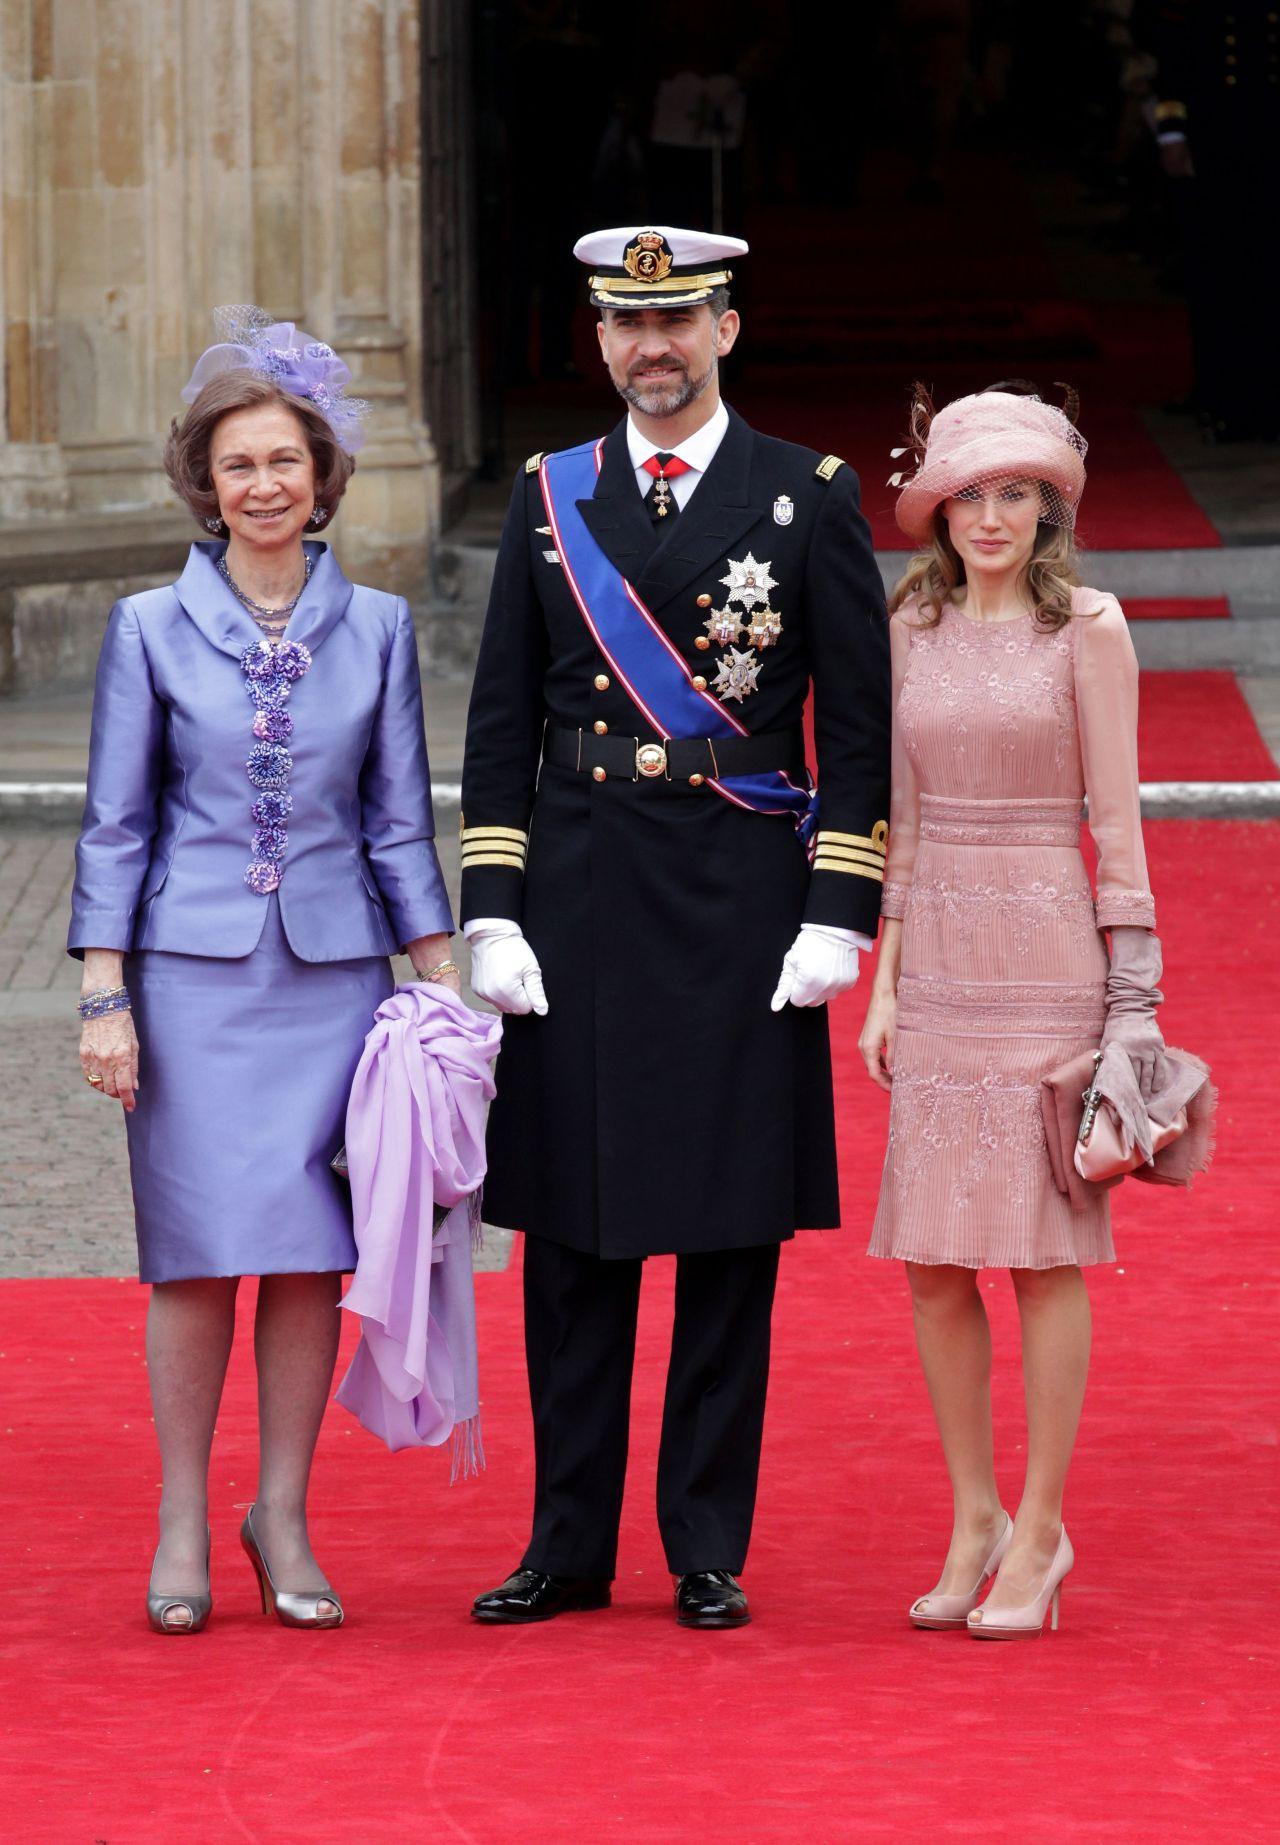 Dự đám cưới Hoàng tử Harry và Meghan Markle, dàn khách mời sẽ phải tuân thủ 8 quy tắc ăn mặc này - Ảnh 7.